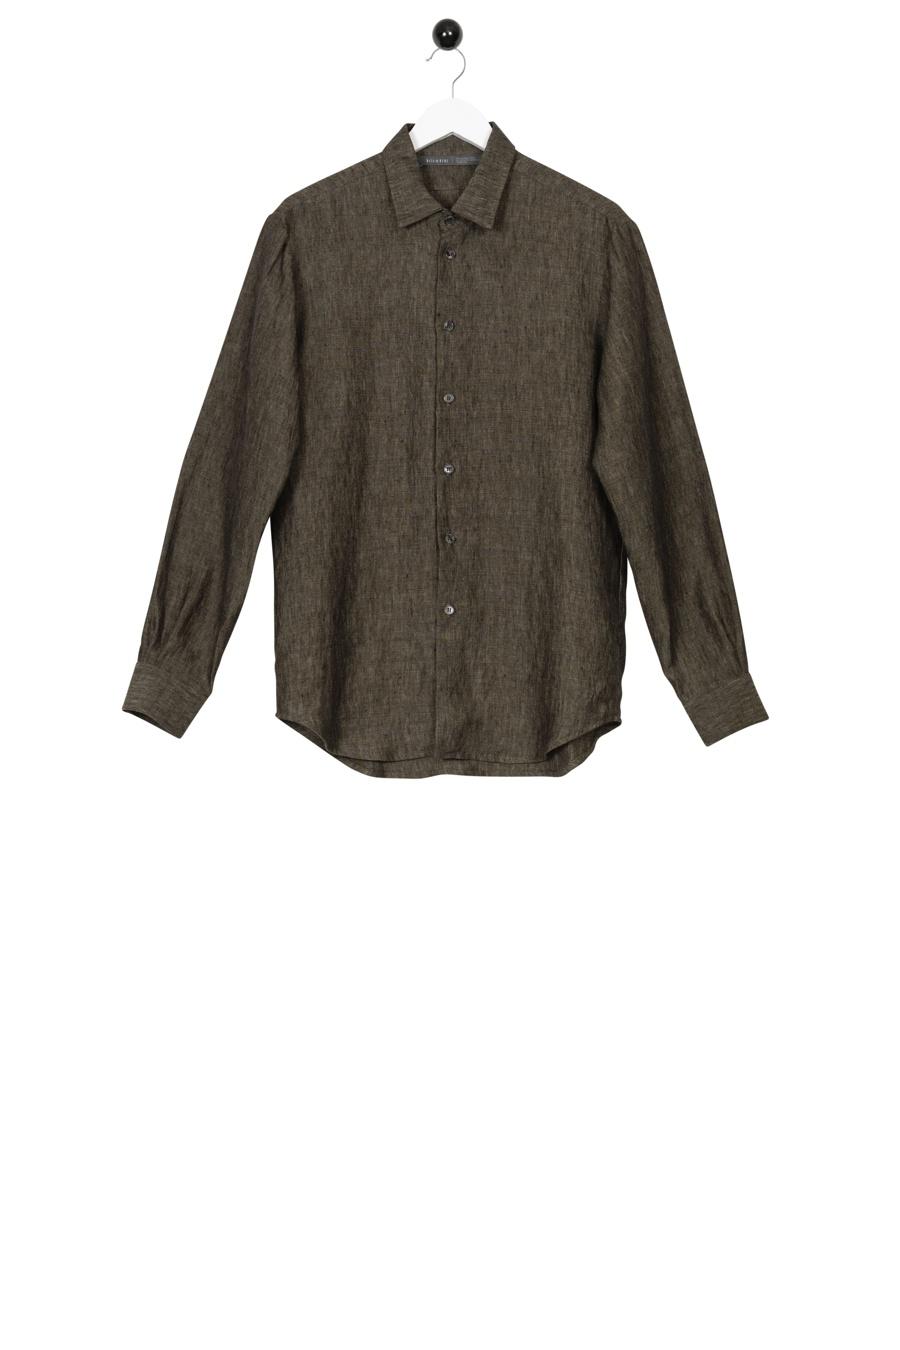 Rochefort Shirt